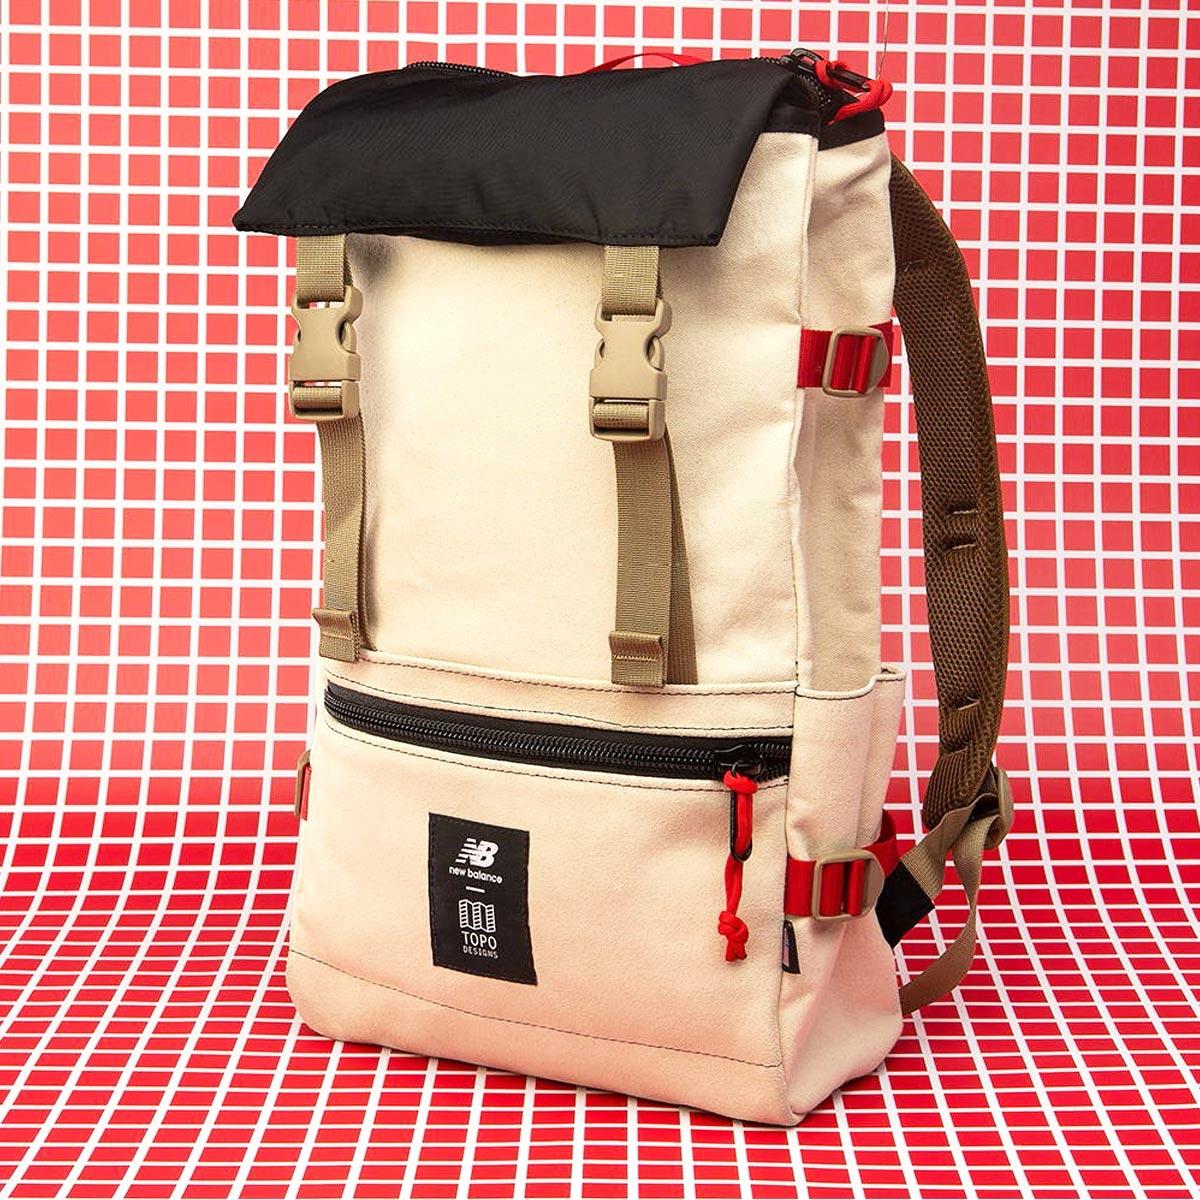 Topo Designs x New Balance Rover Pack, tijdloze rugzak met geweldige functionaliteiten